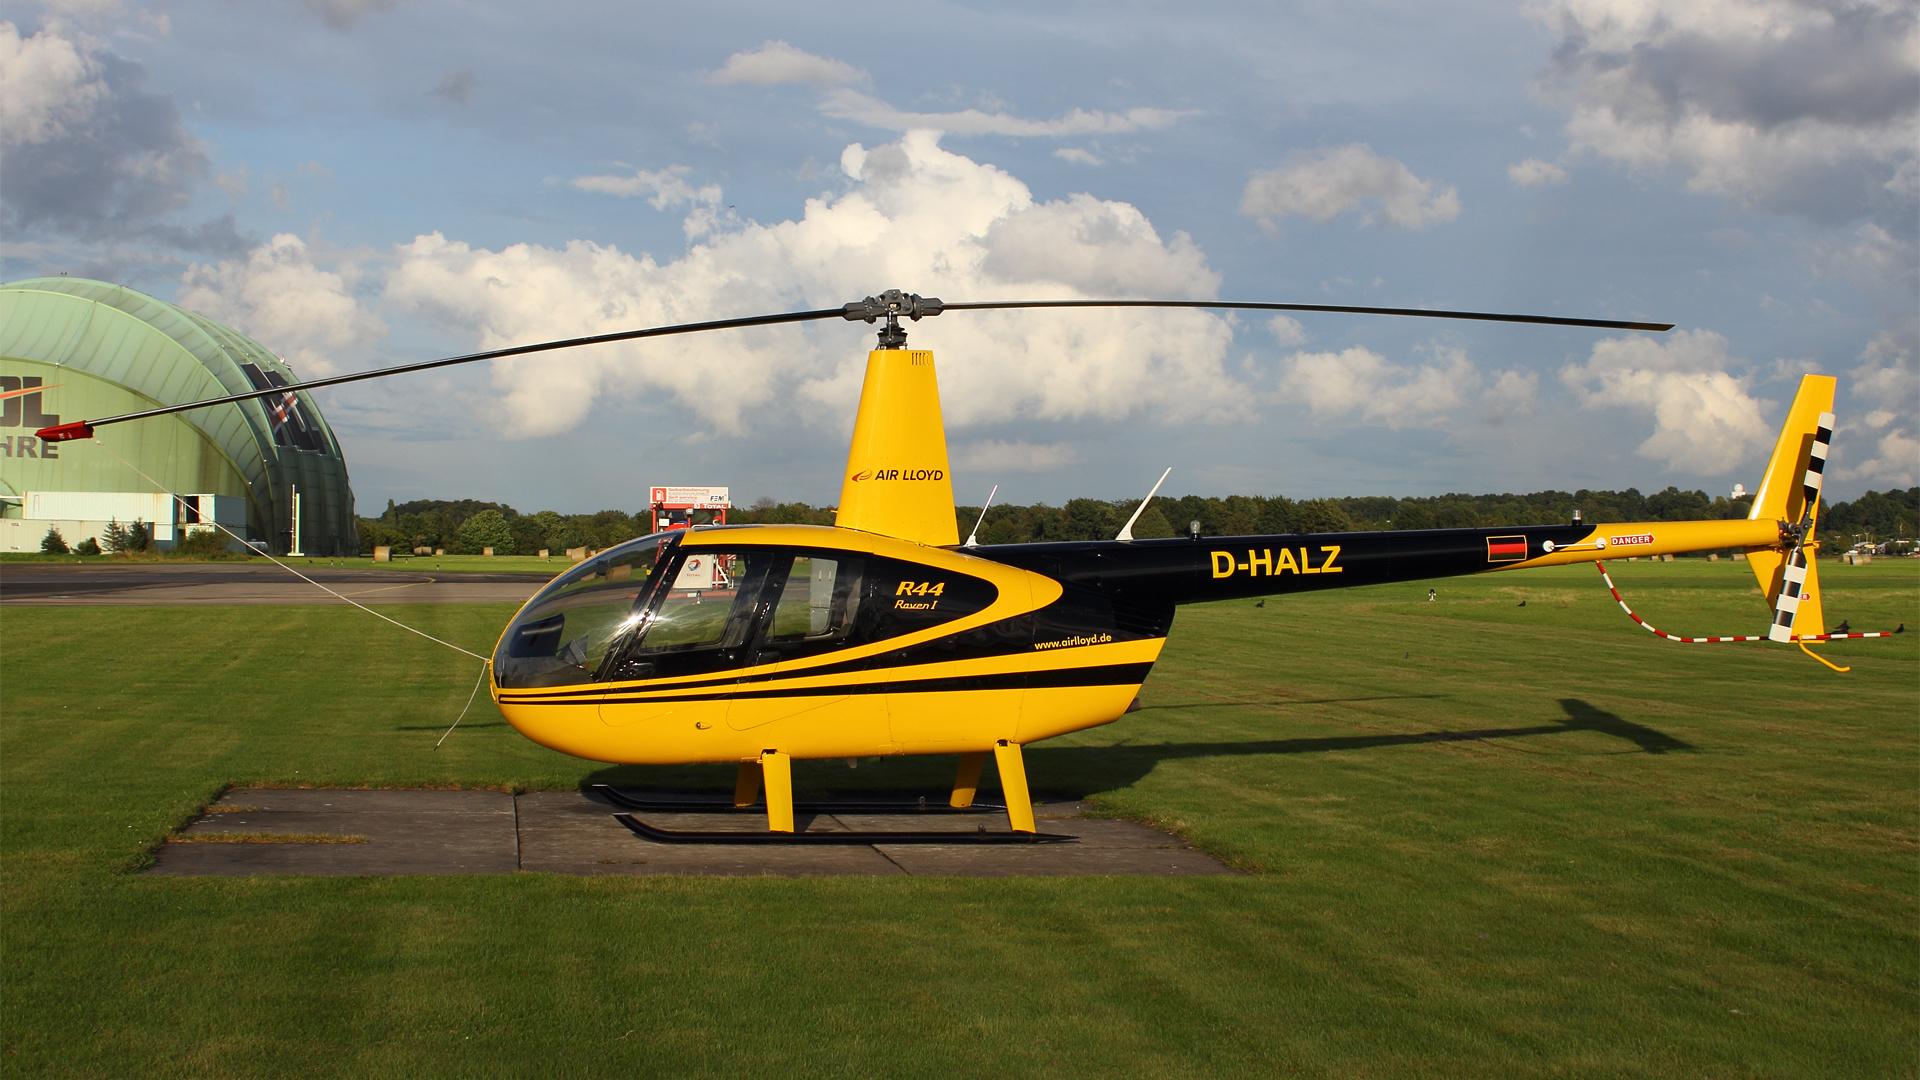 D-HALZ-1 R44 ESS 201509